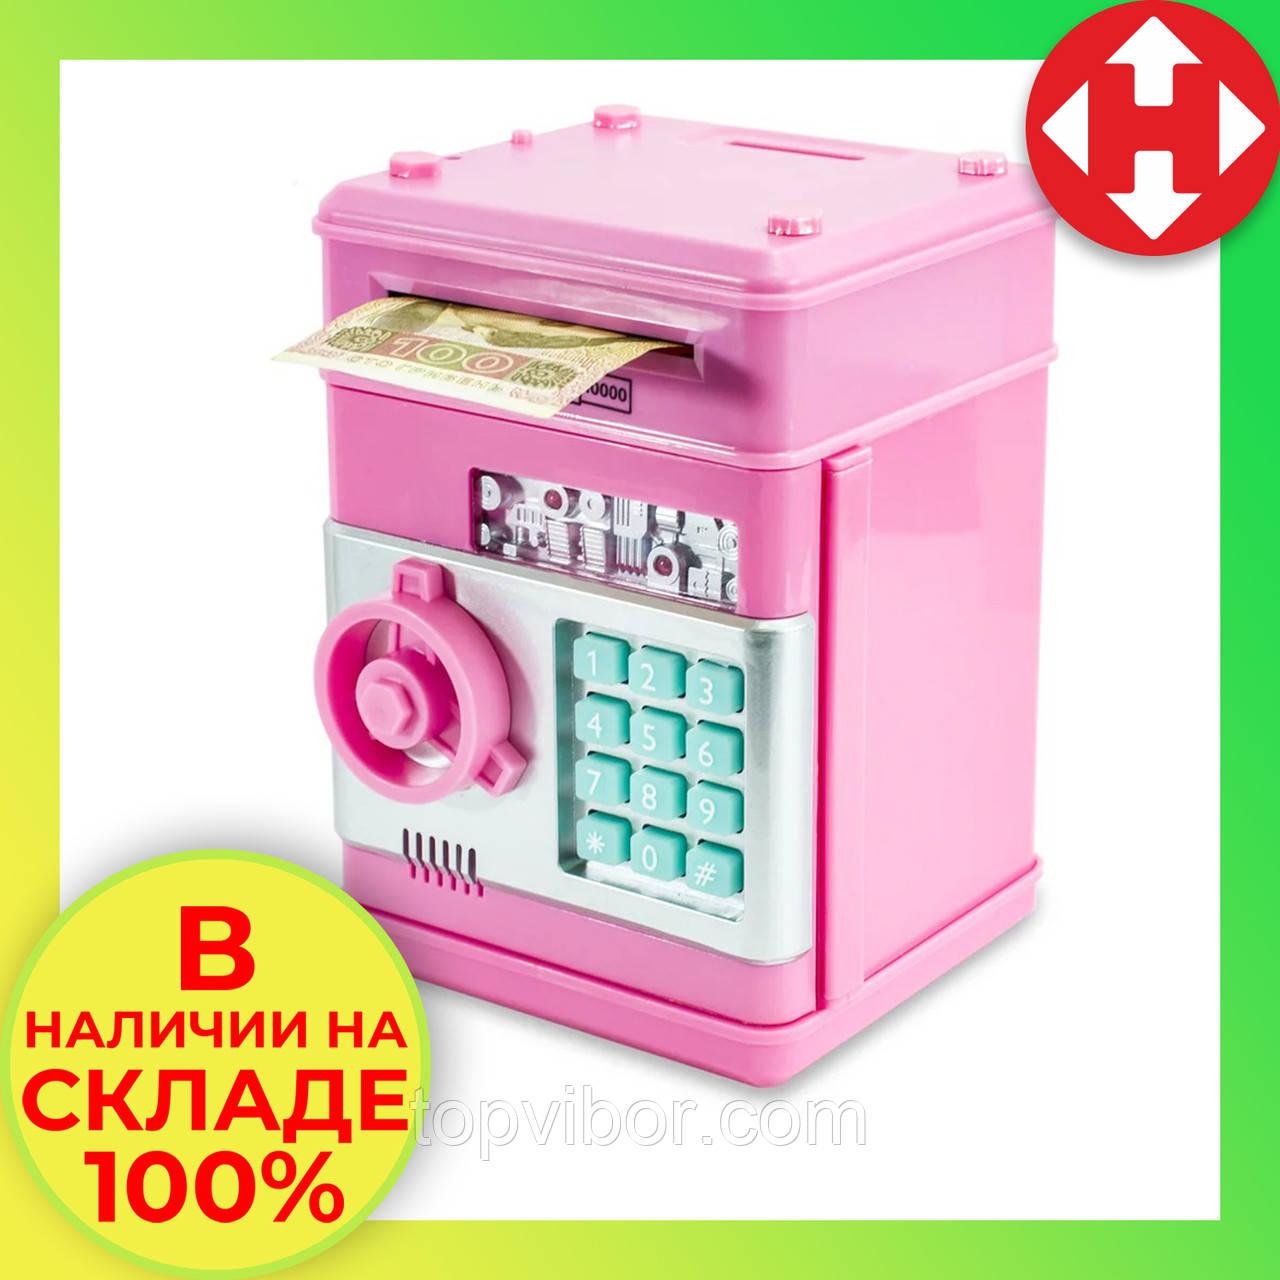 Копилка для детей музыкальная (розовый корпус, круглая розовая ручка, бирюзовые кнопки) детский игрушечный